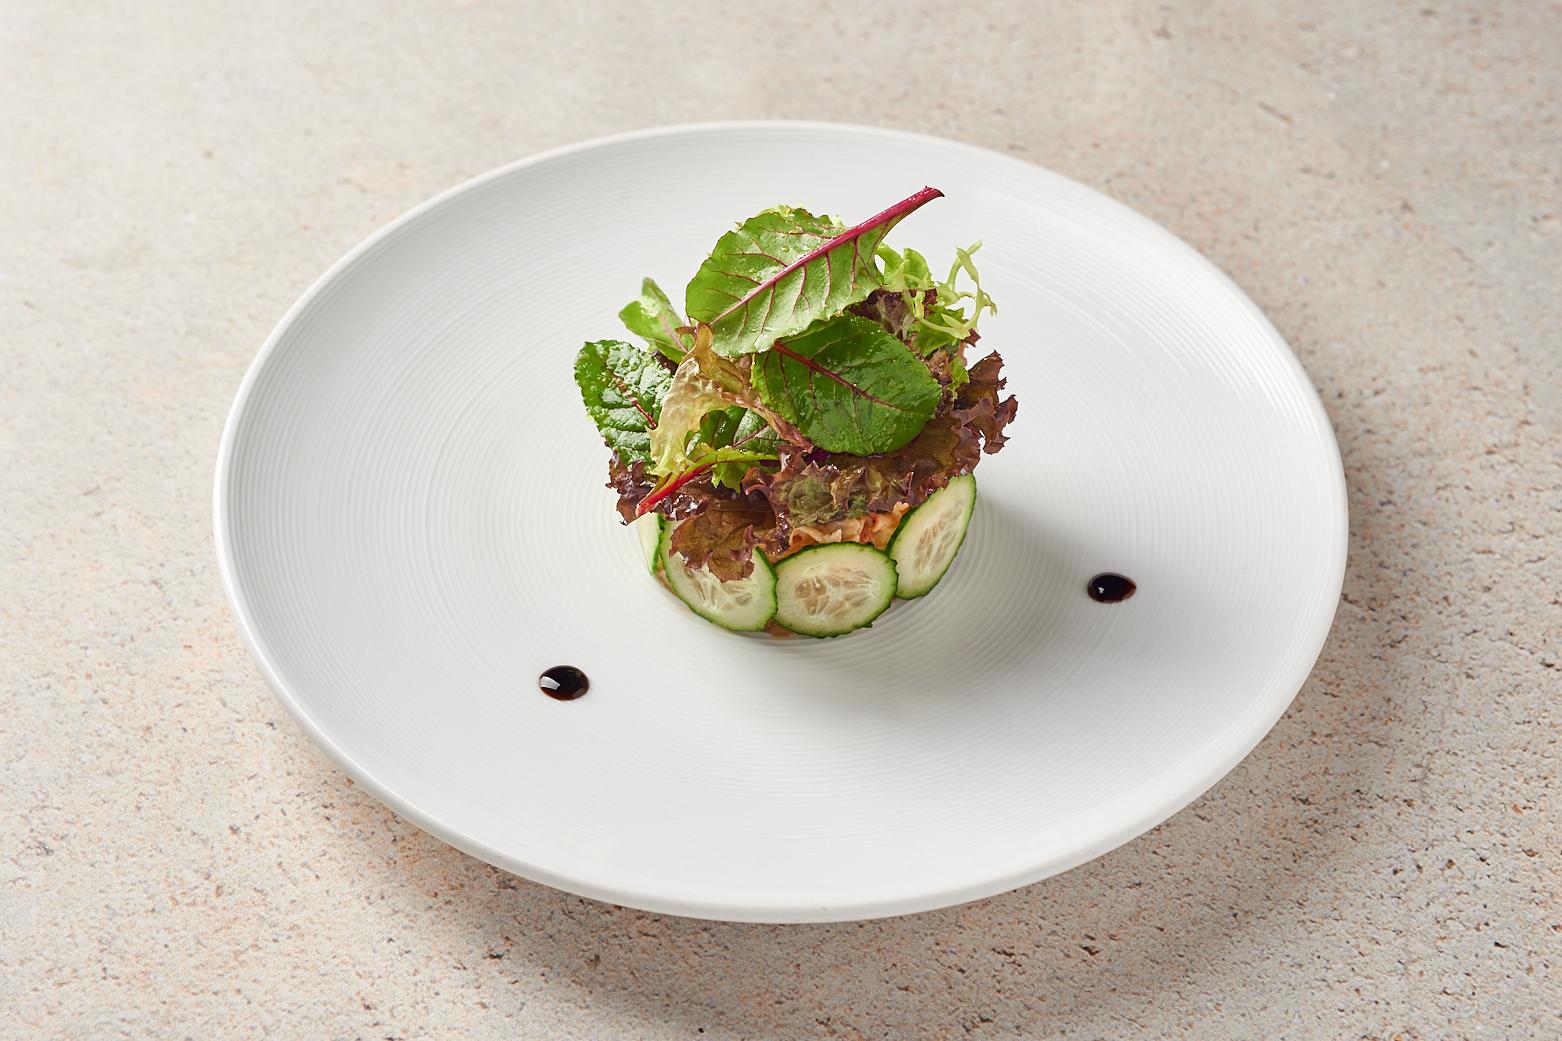 Икра из баклажанов с крабом под трюфельным соусом «Юдзу»